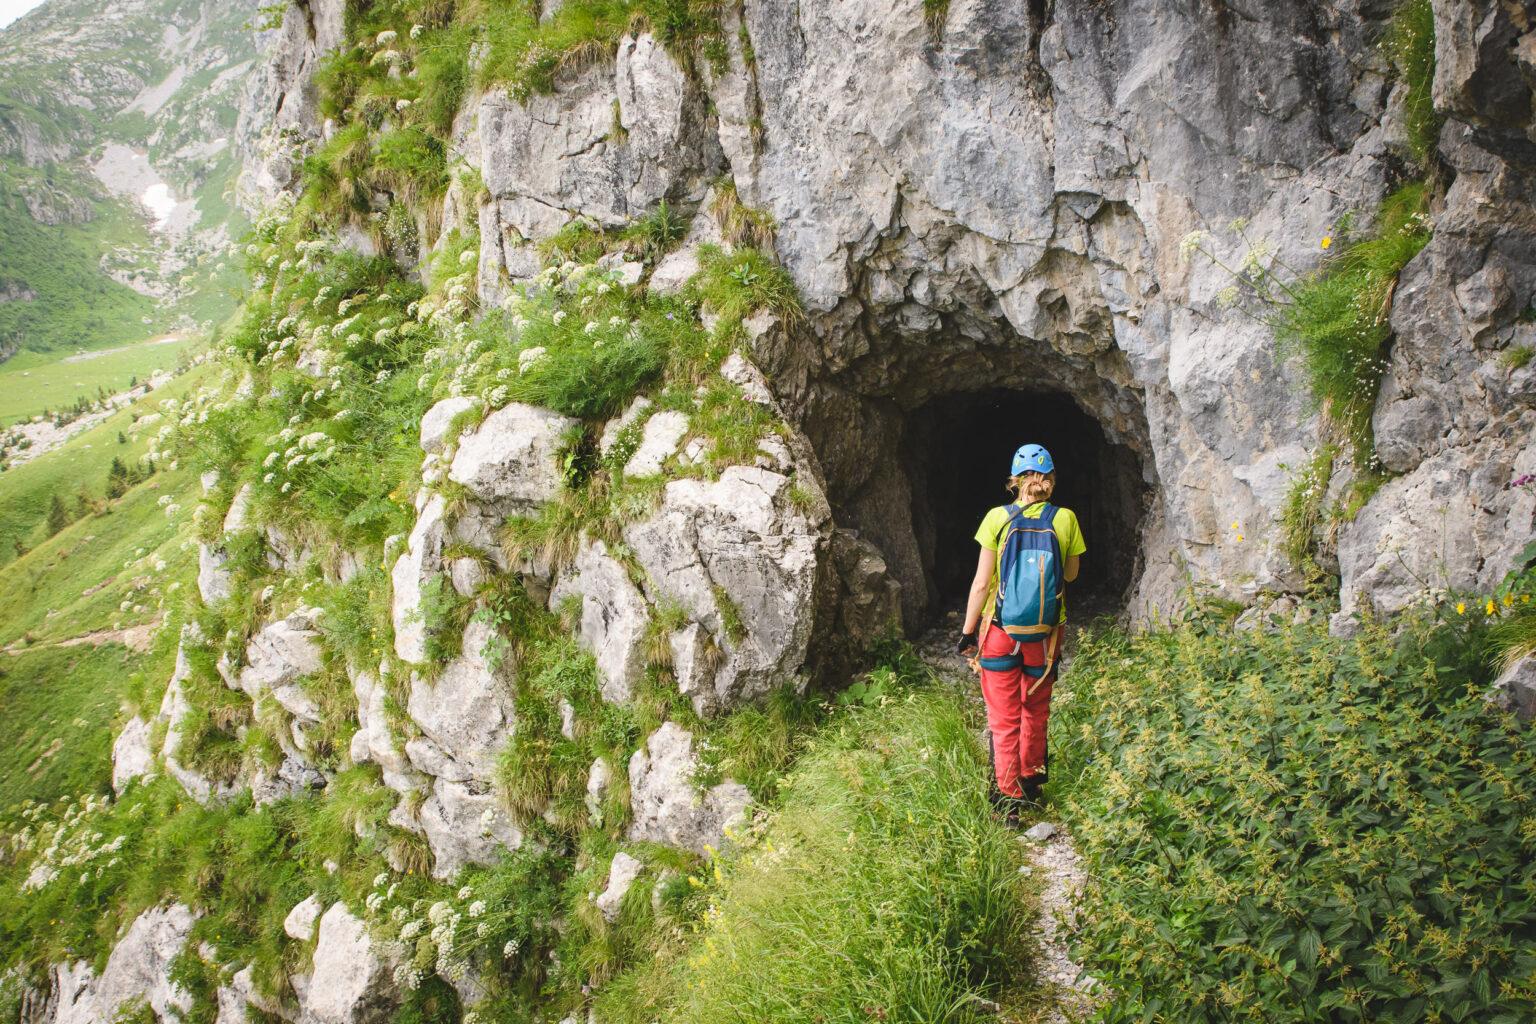 Ola wchodzi do tunelu w skale